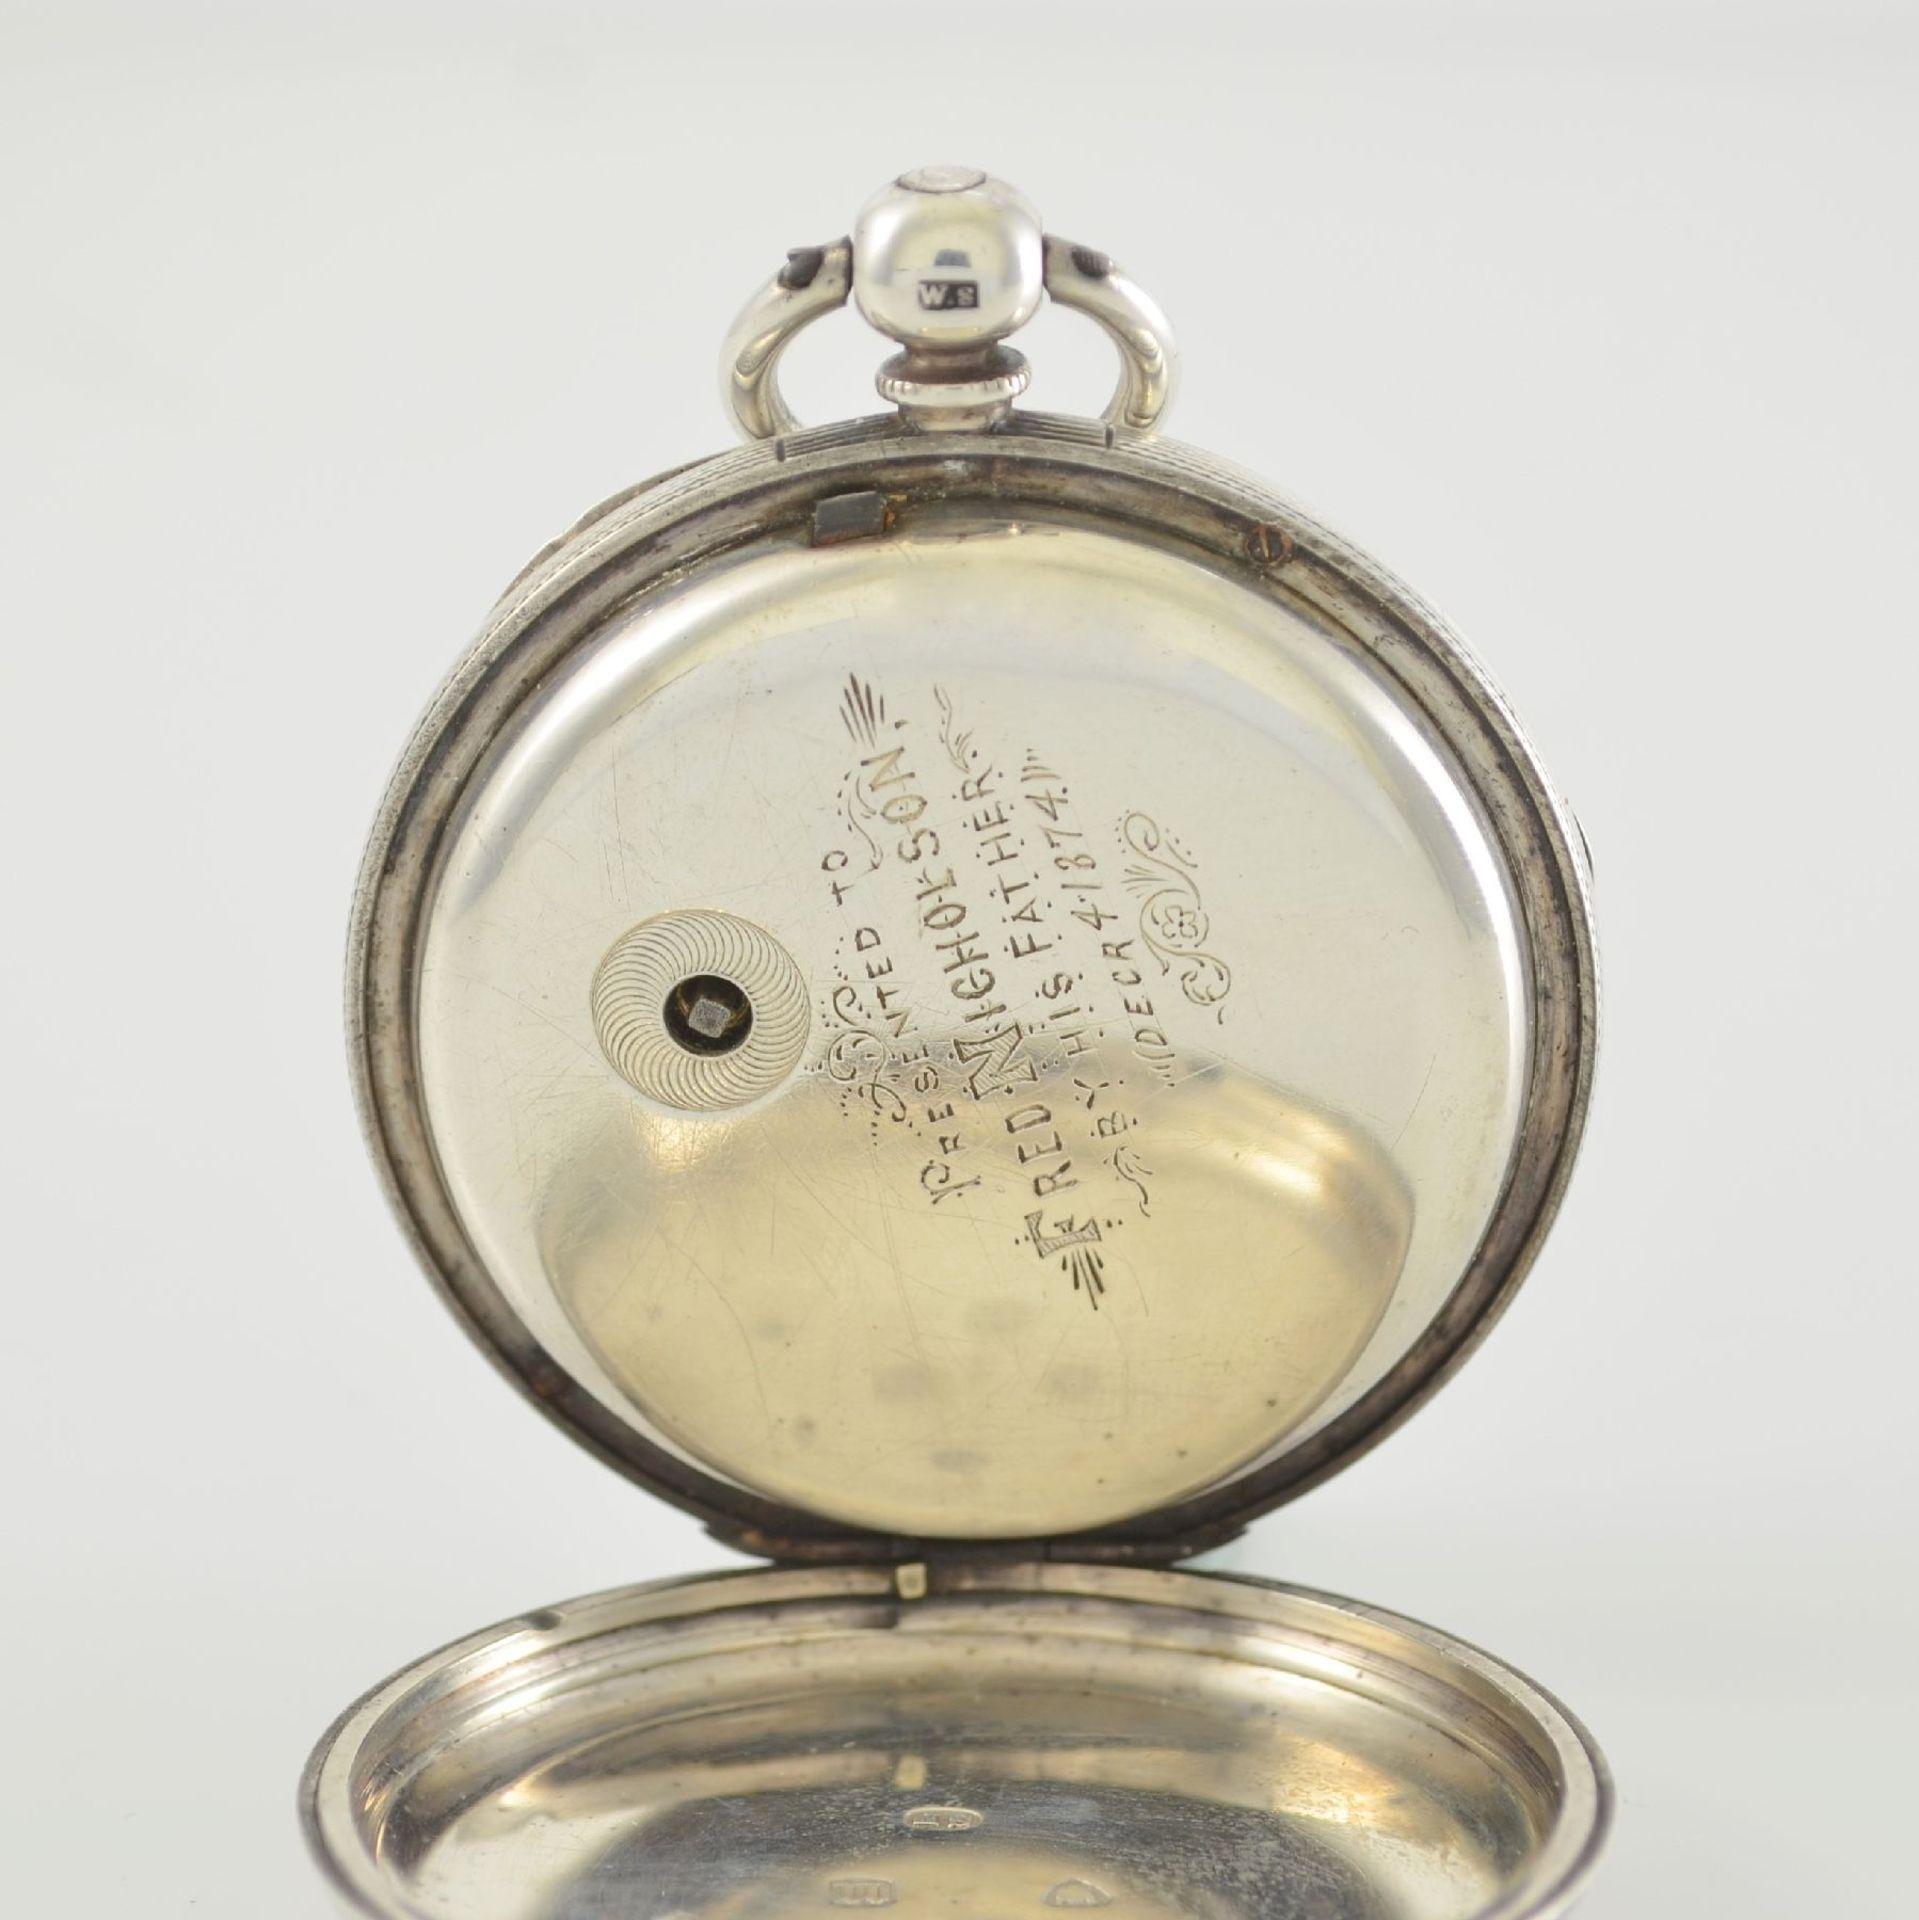 STORY & SEDMAN englische Taschenuhr in Silber, um 1870, 3-teil. Gehäuse innen m. Widmung, - Bild 5 aus 8